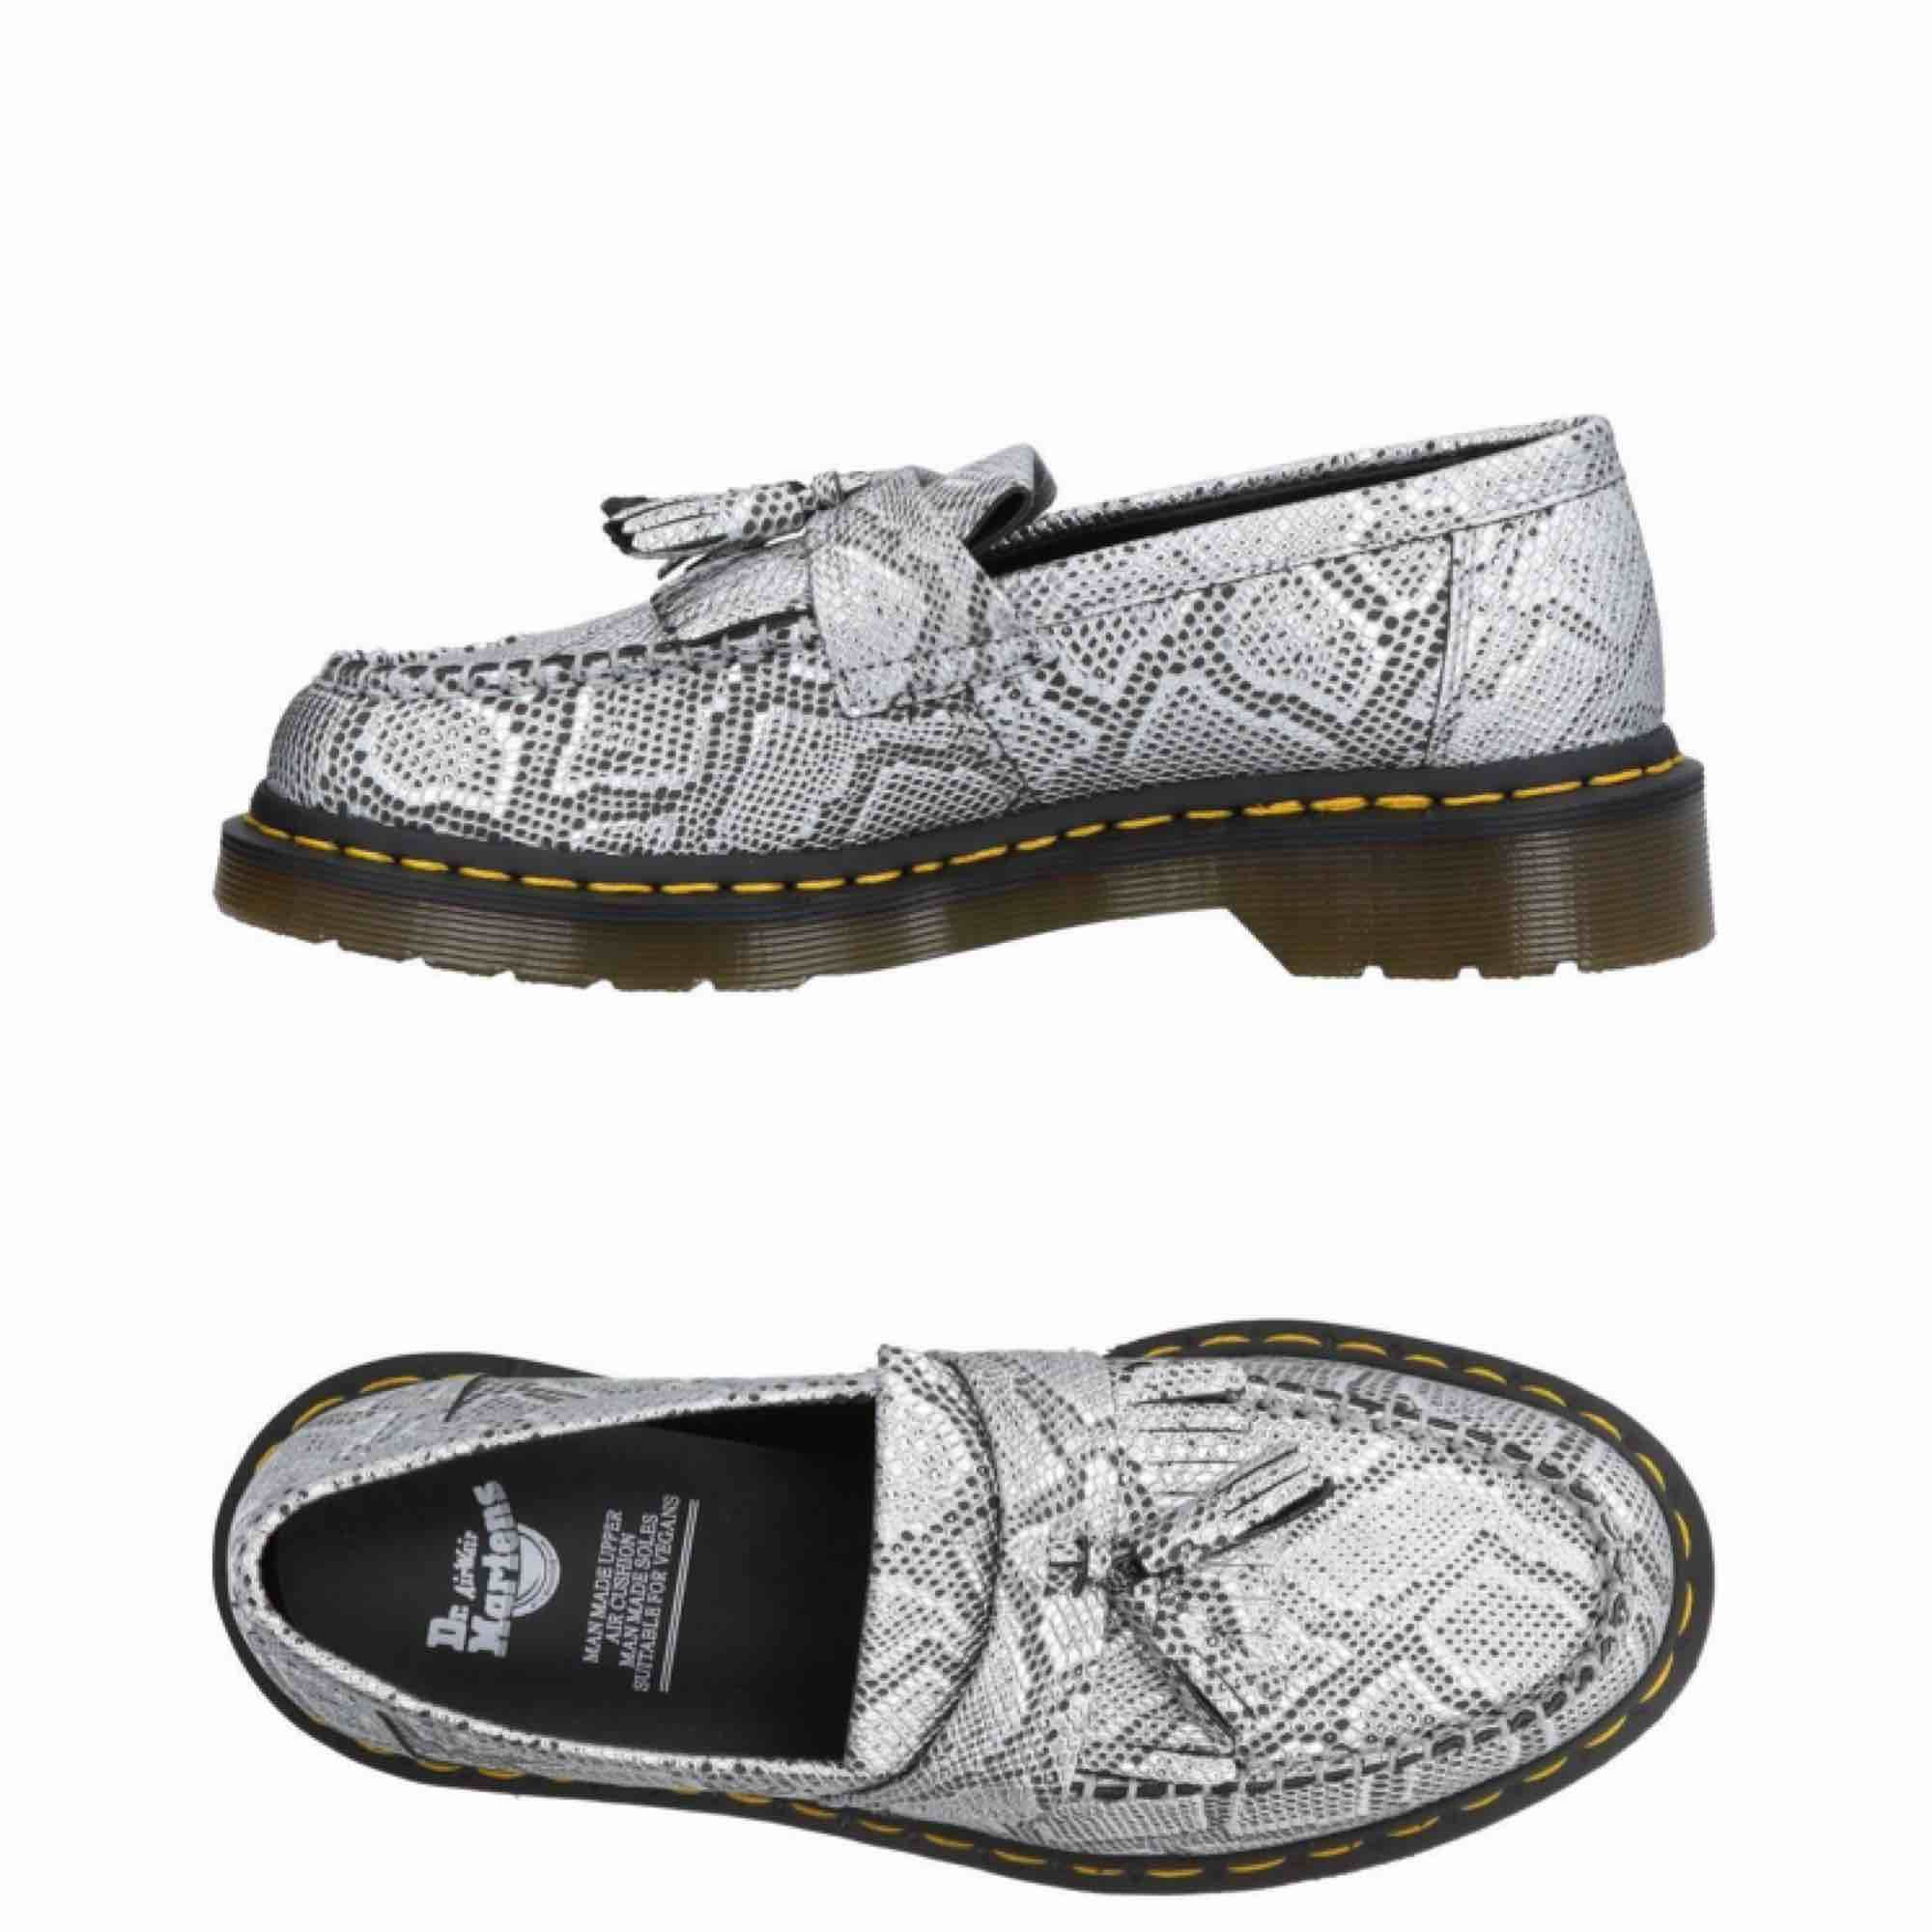 Veganska Dr Martens loafers i metallic snake print. Storlek 39. Aldrig använda. Köpa förra hösten men ångrade köpet pga har för mycket skor.. Frakt runt 100kr tillkommer då de väger rätt mycket ✨. Skor.